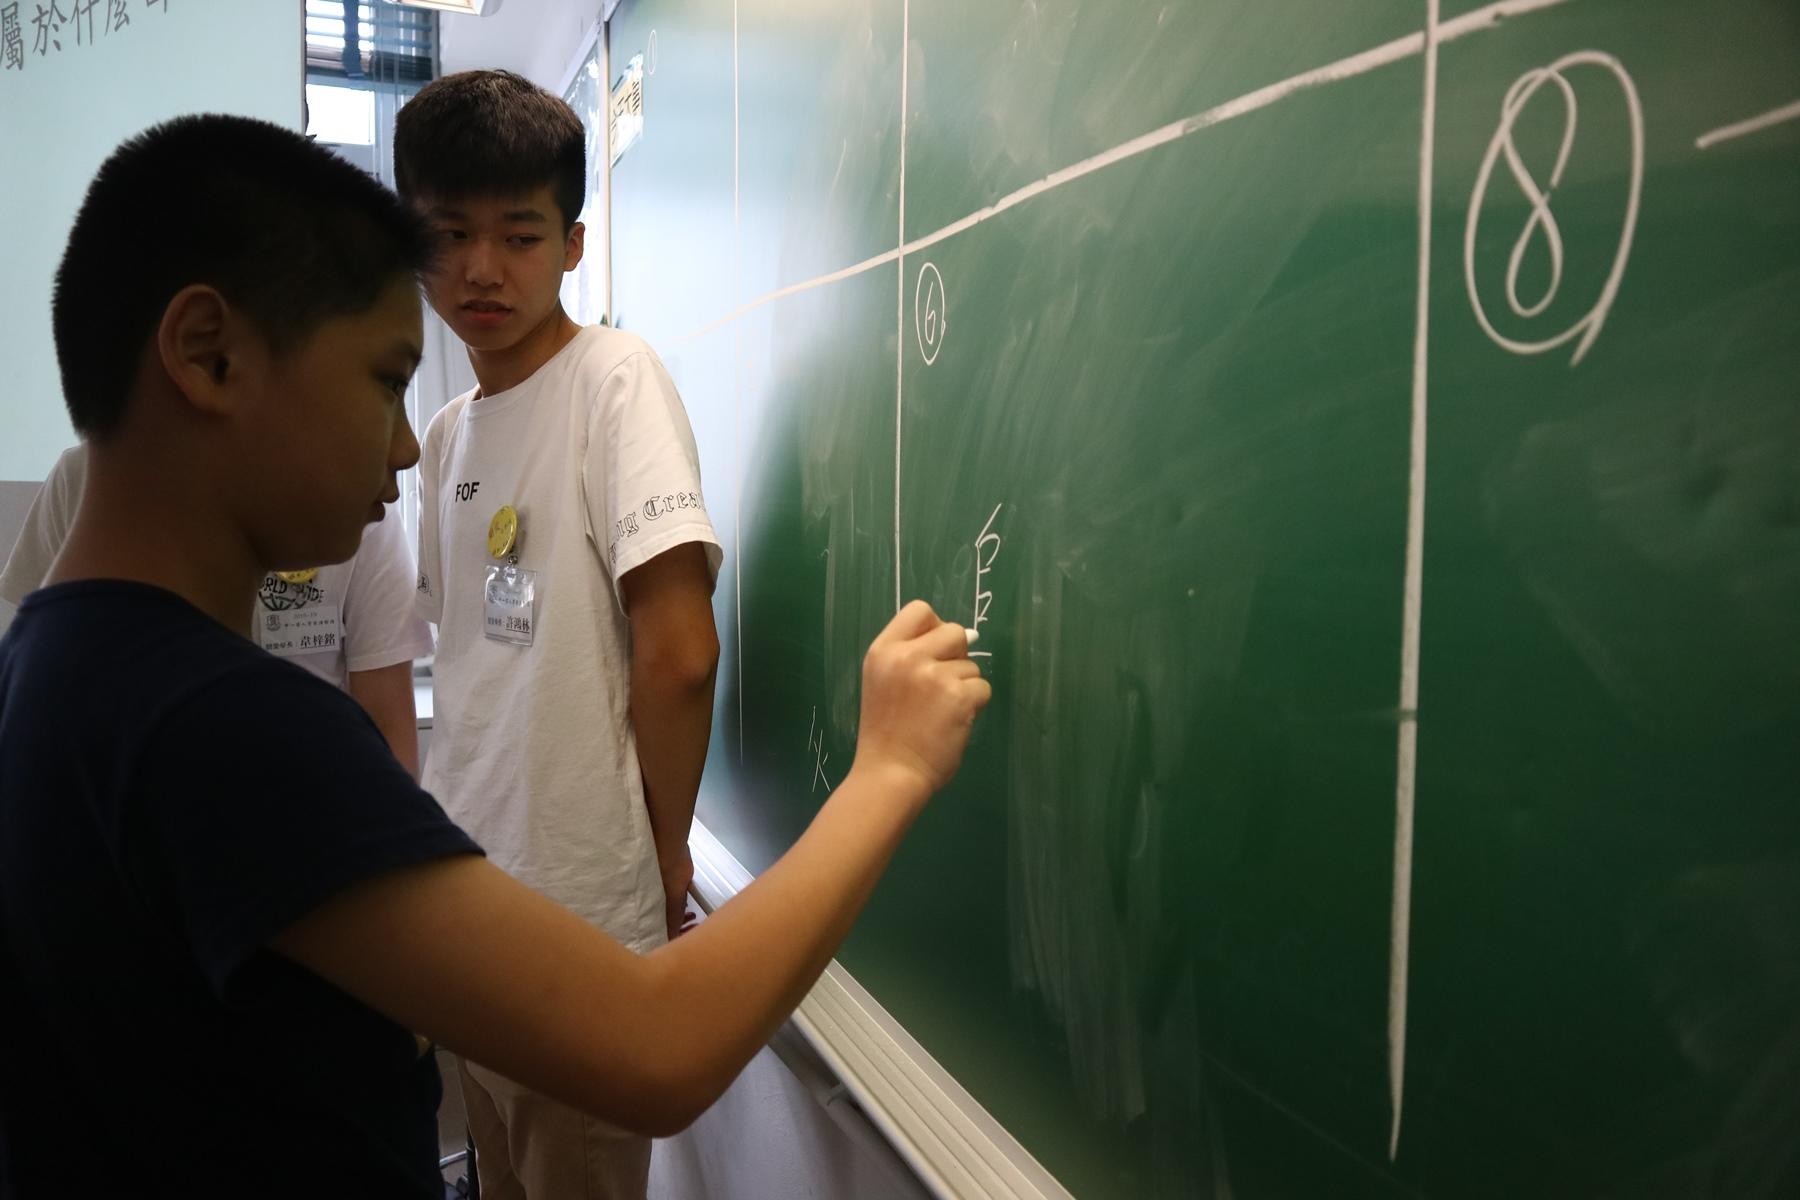 https://www.npc.edu.hk/sites/default/files/1b_wen_gu_zhi_xin_05.jpg